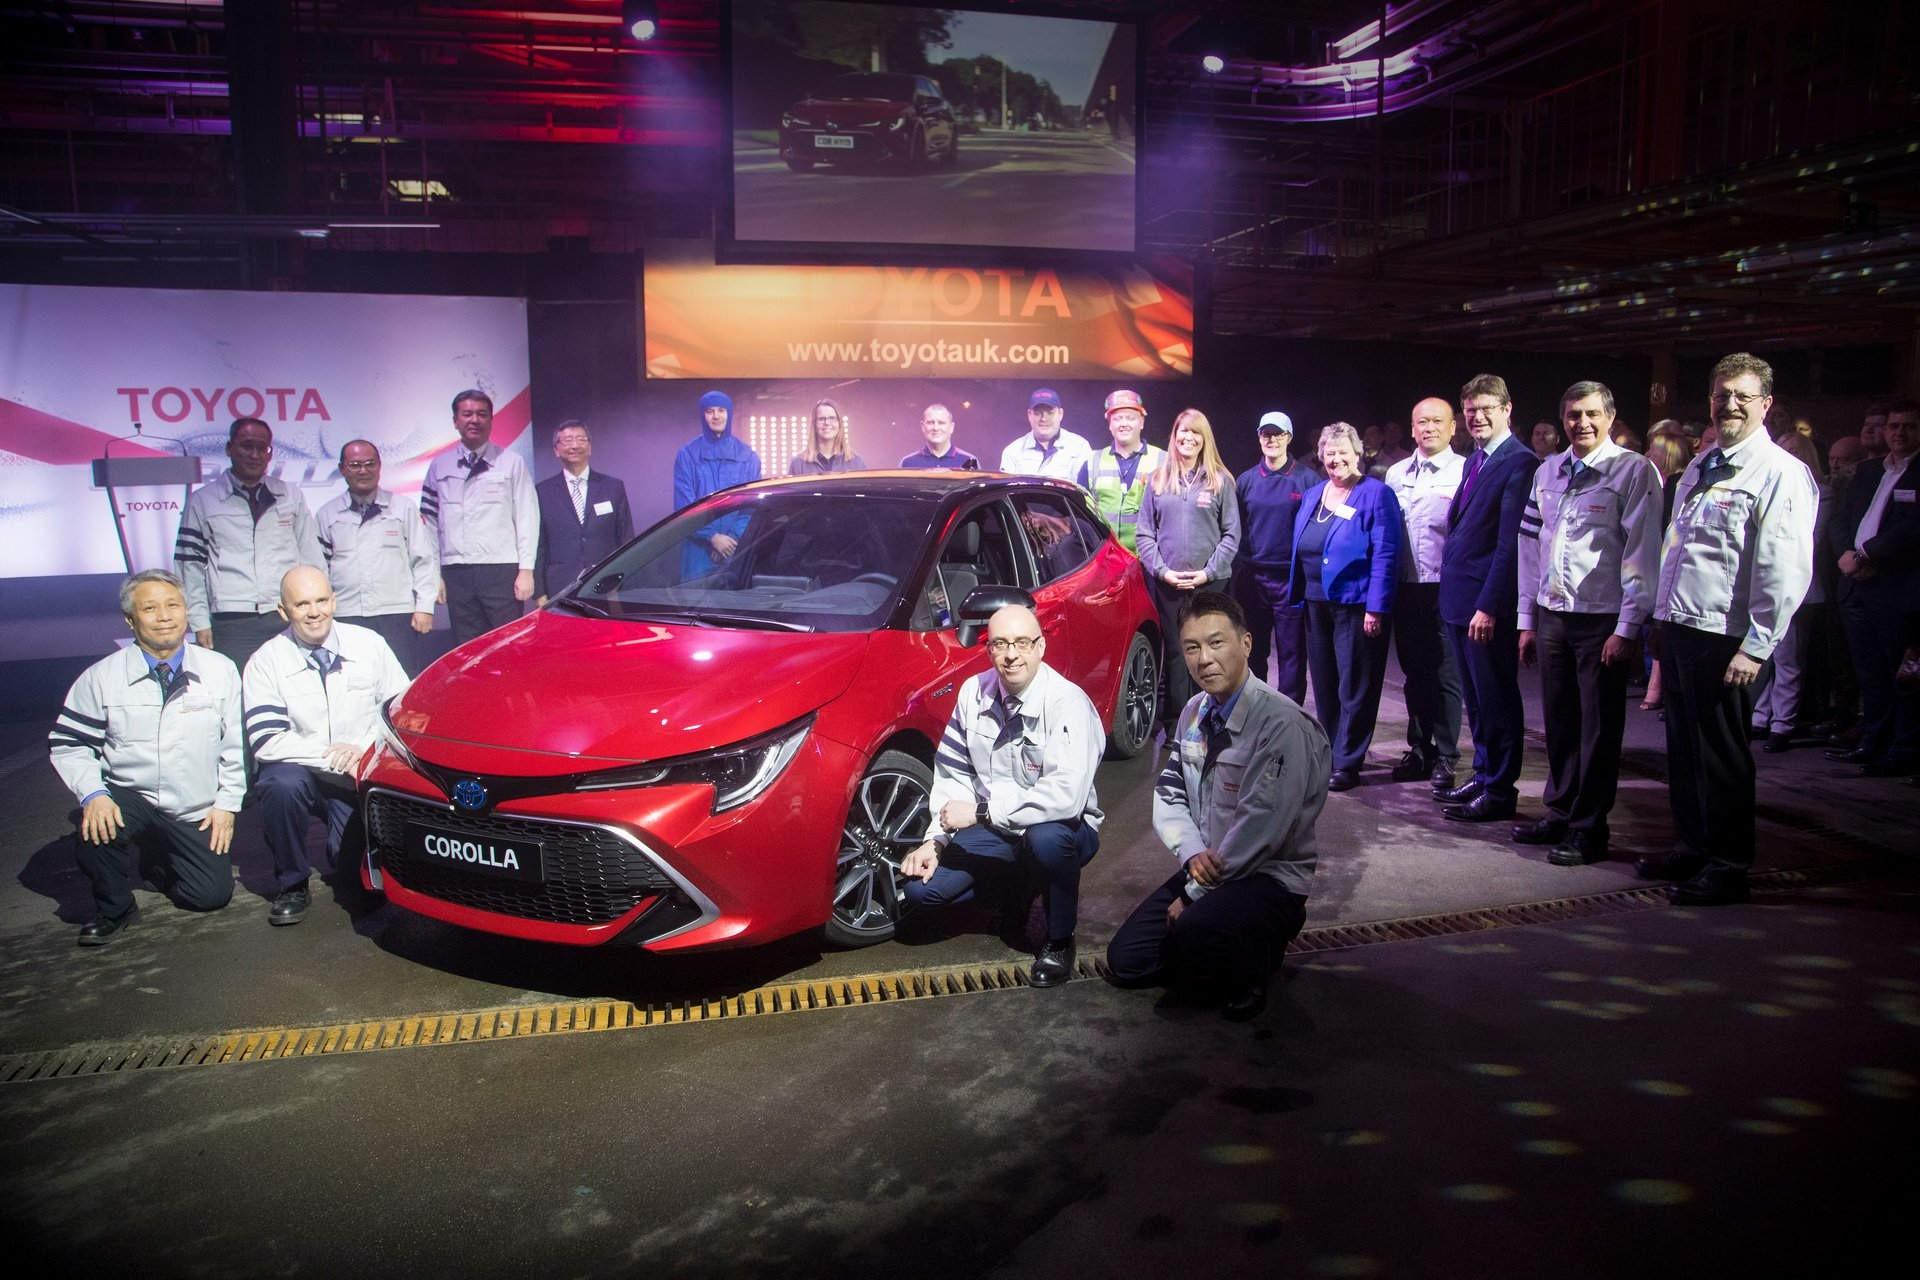 Новую Toyota Corolla запустили в производство в Великобритании 1